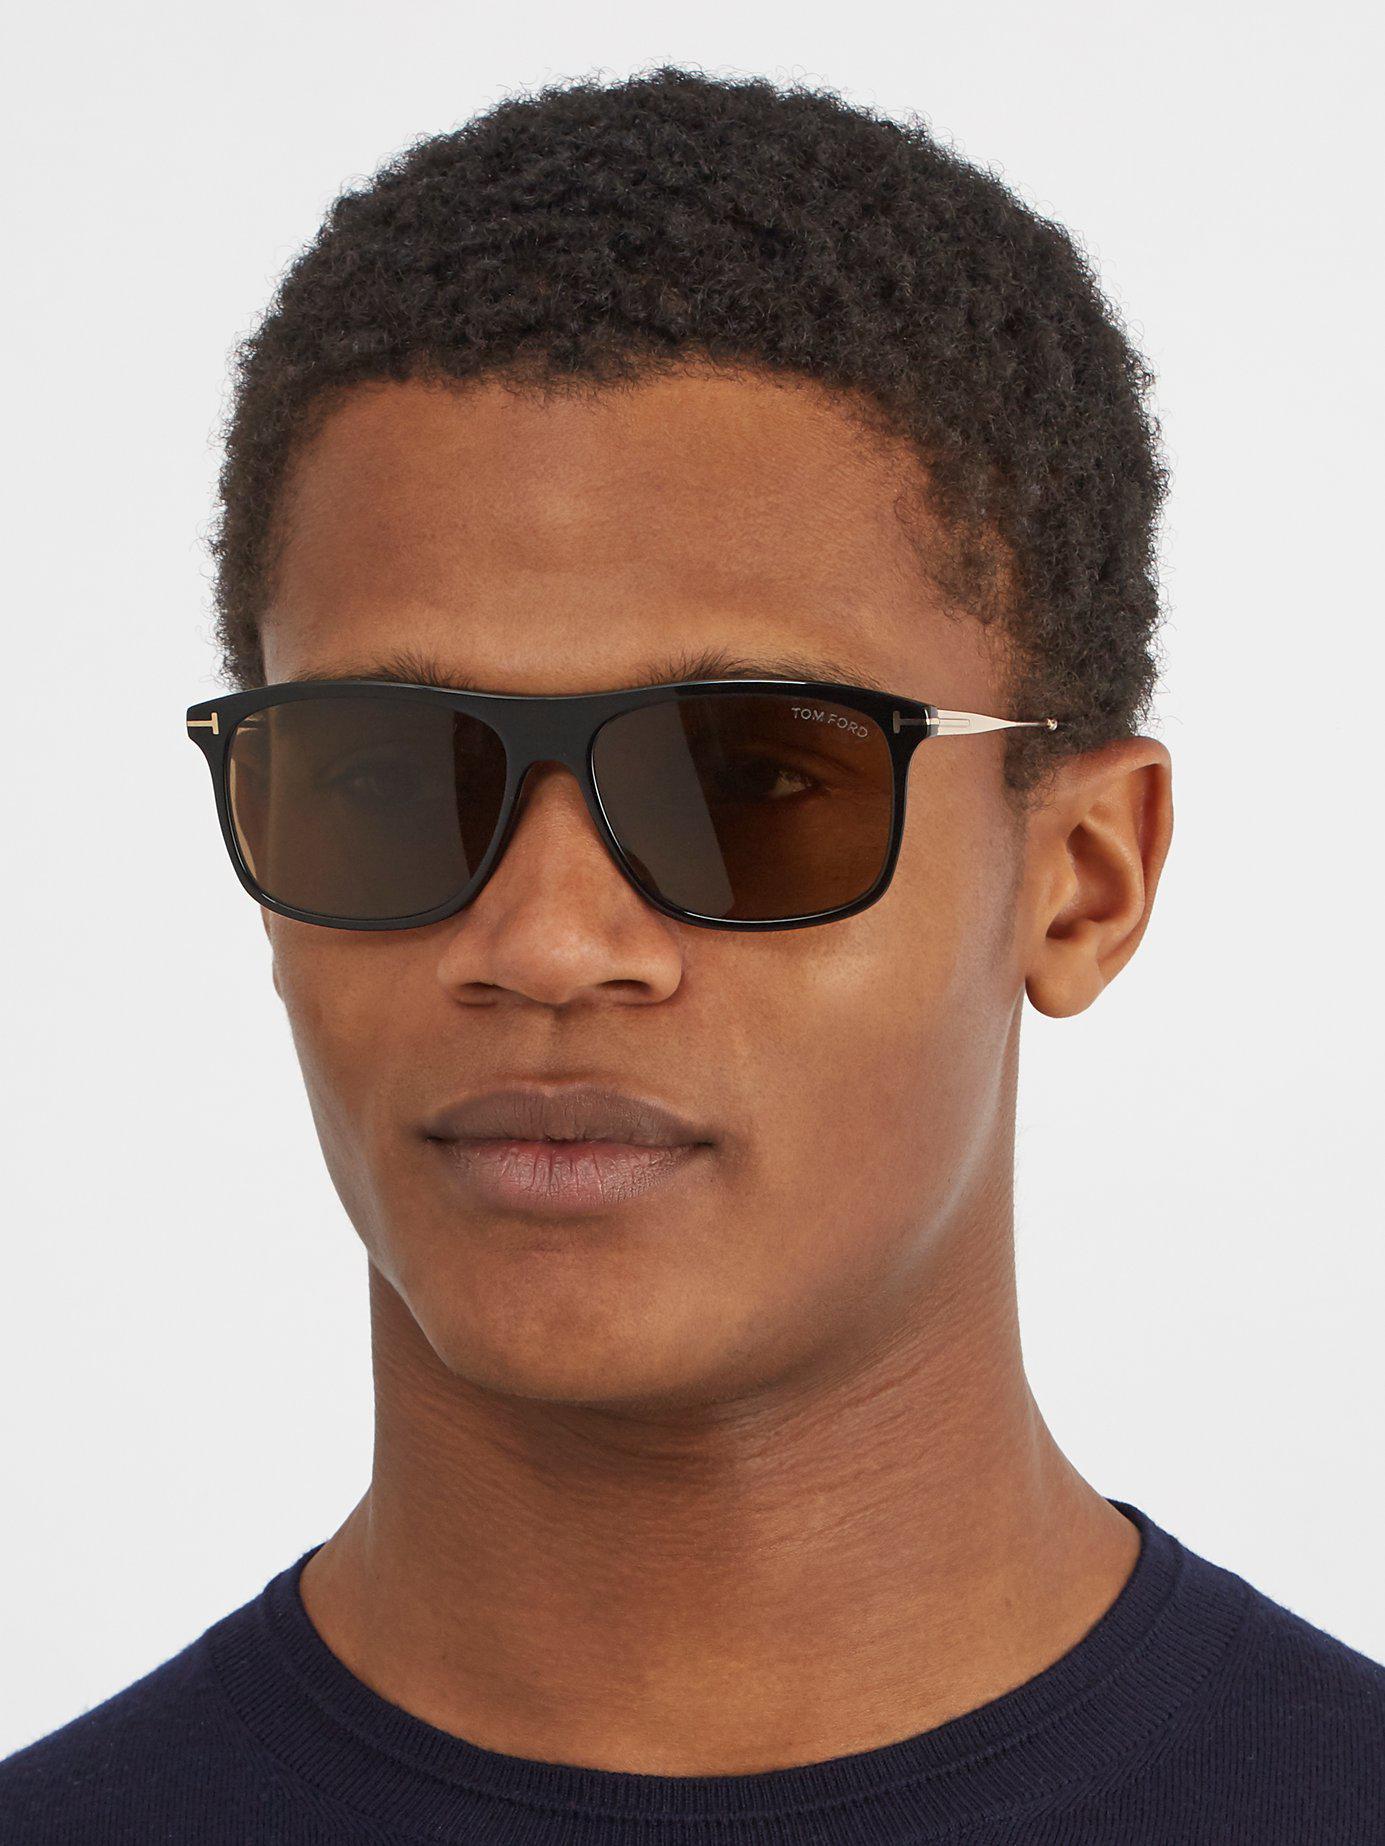 e7df4a9010 Tom Ford - Black Eric Rectangle Frame Sunglasses for Men - Lyst. View  fullscreen